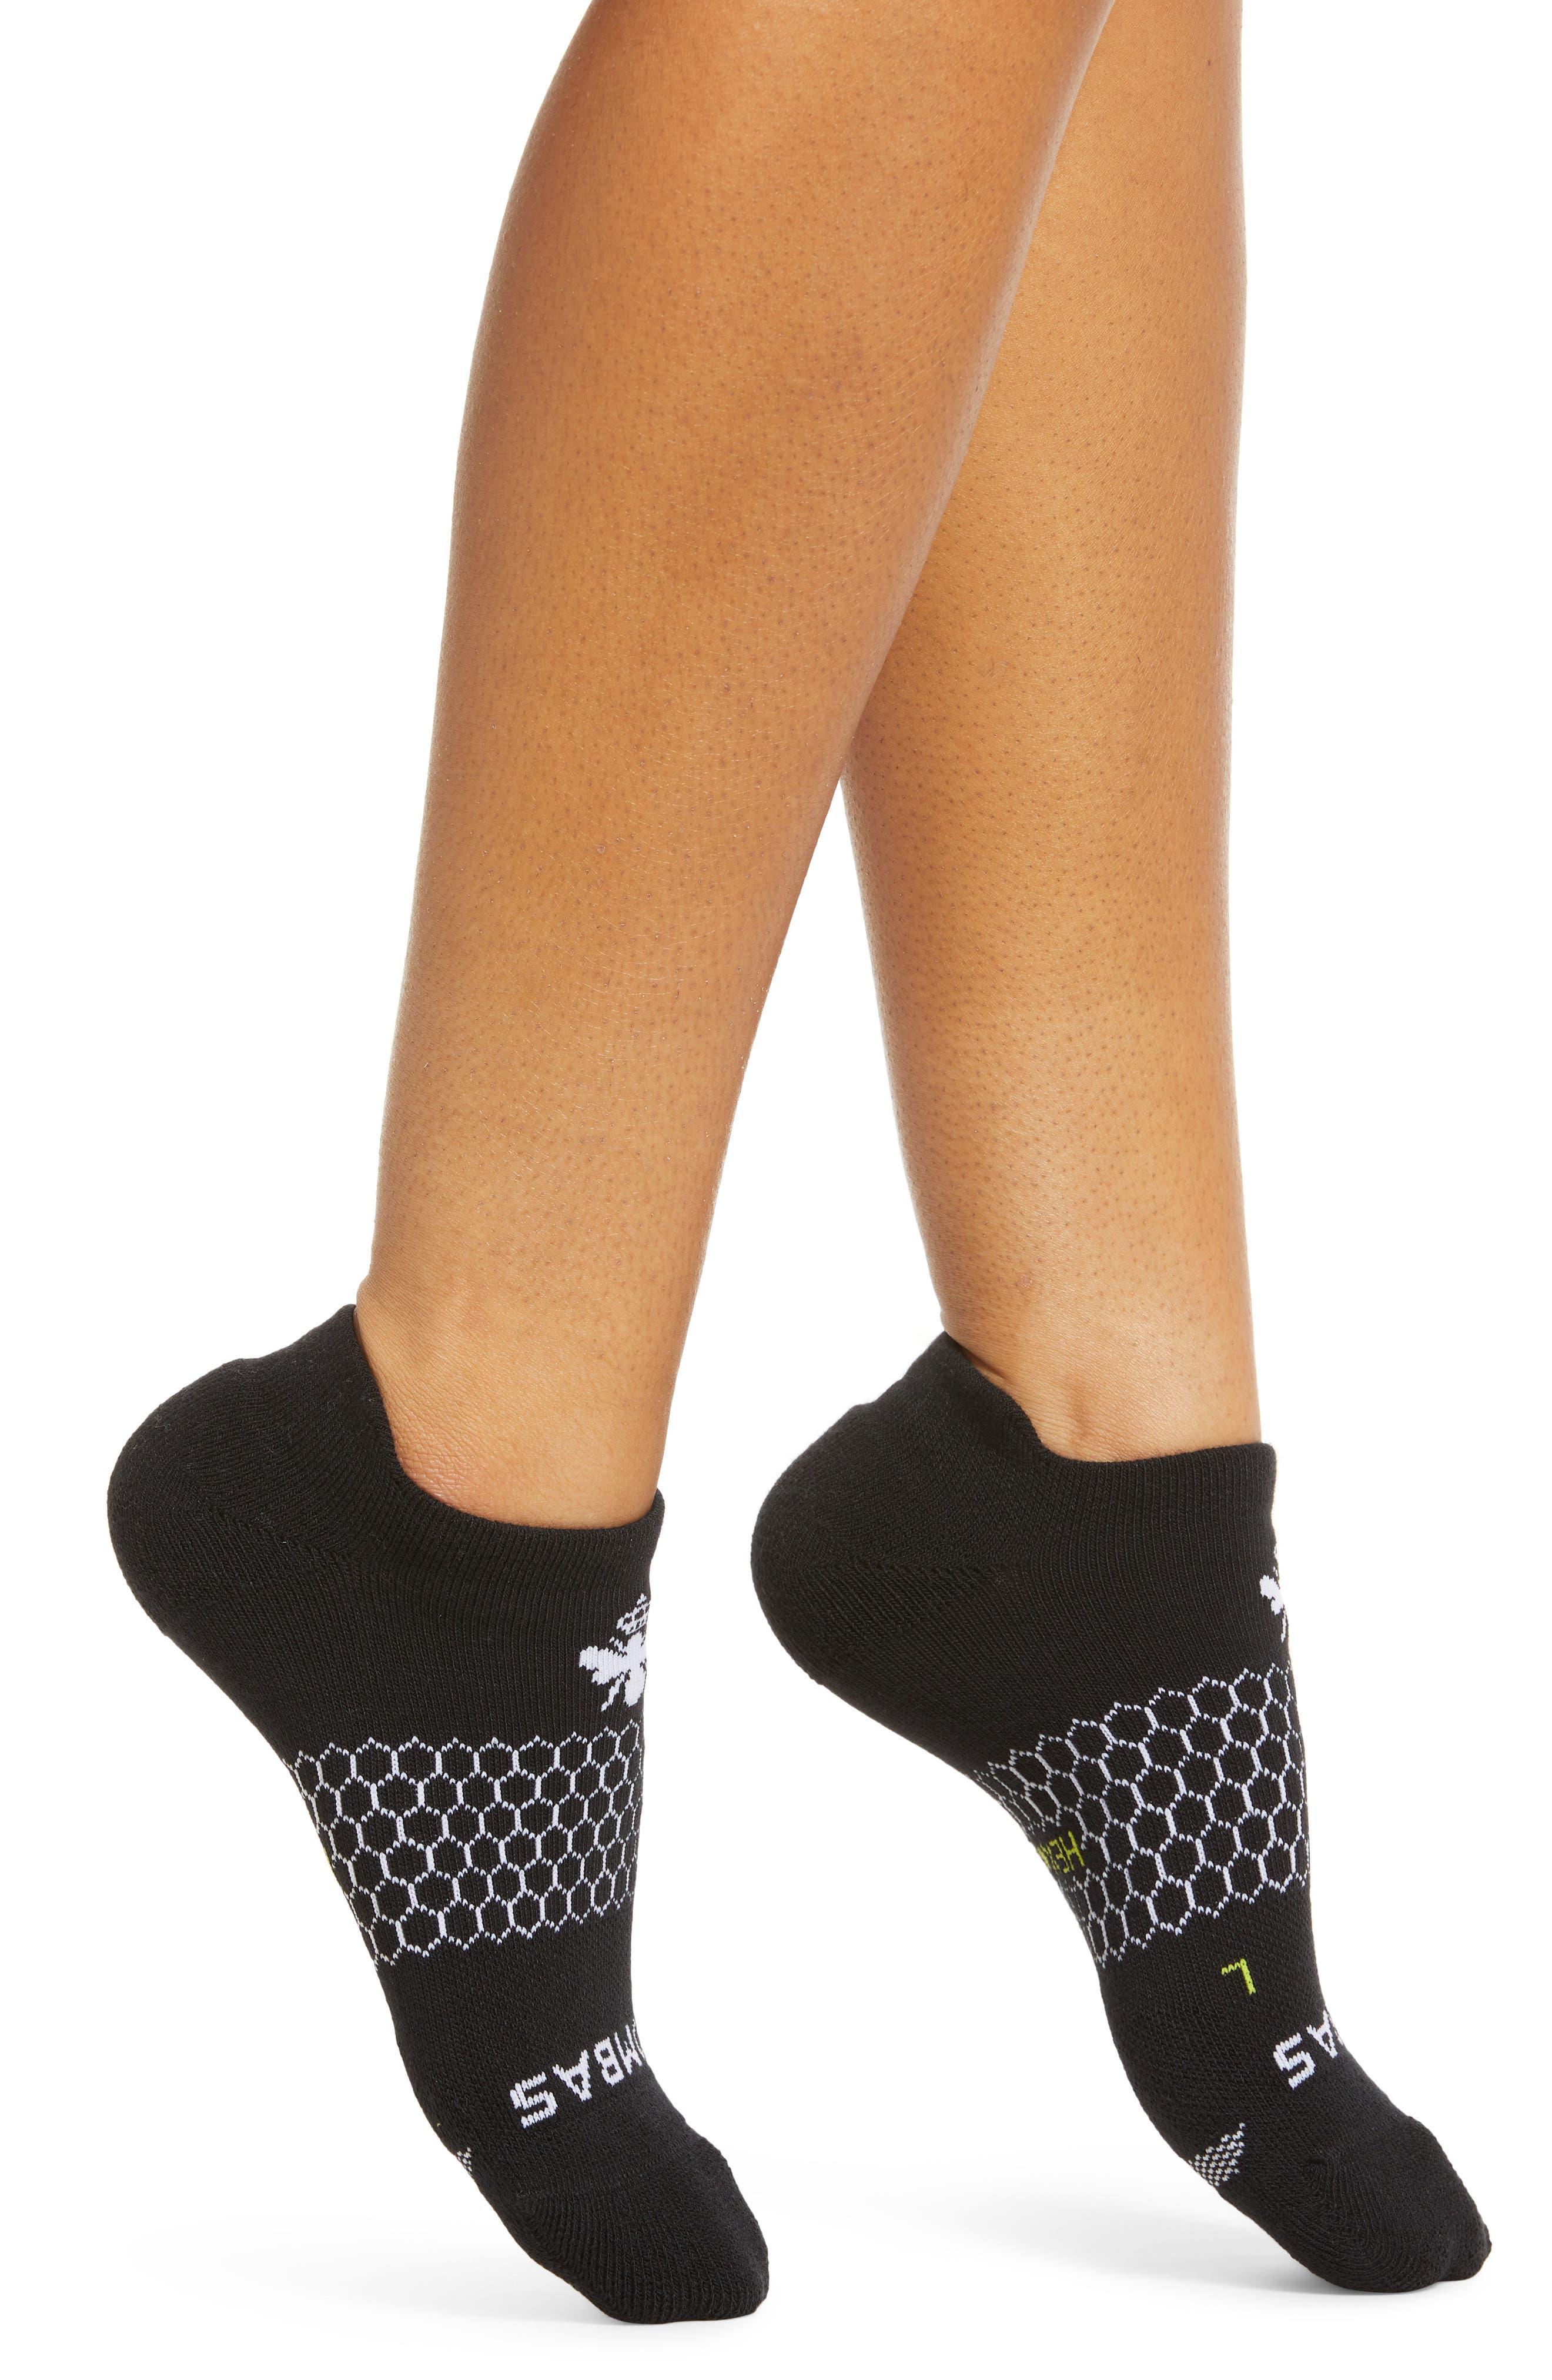 All Purpose Ankle Socks